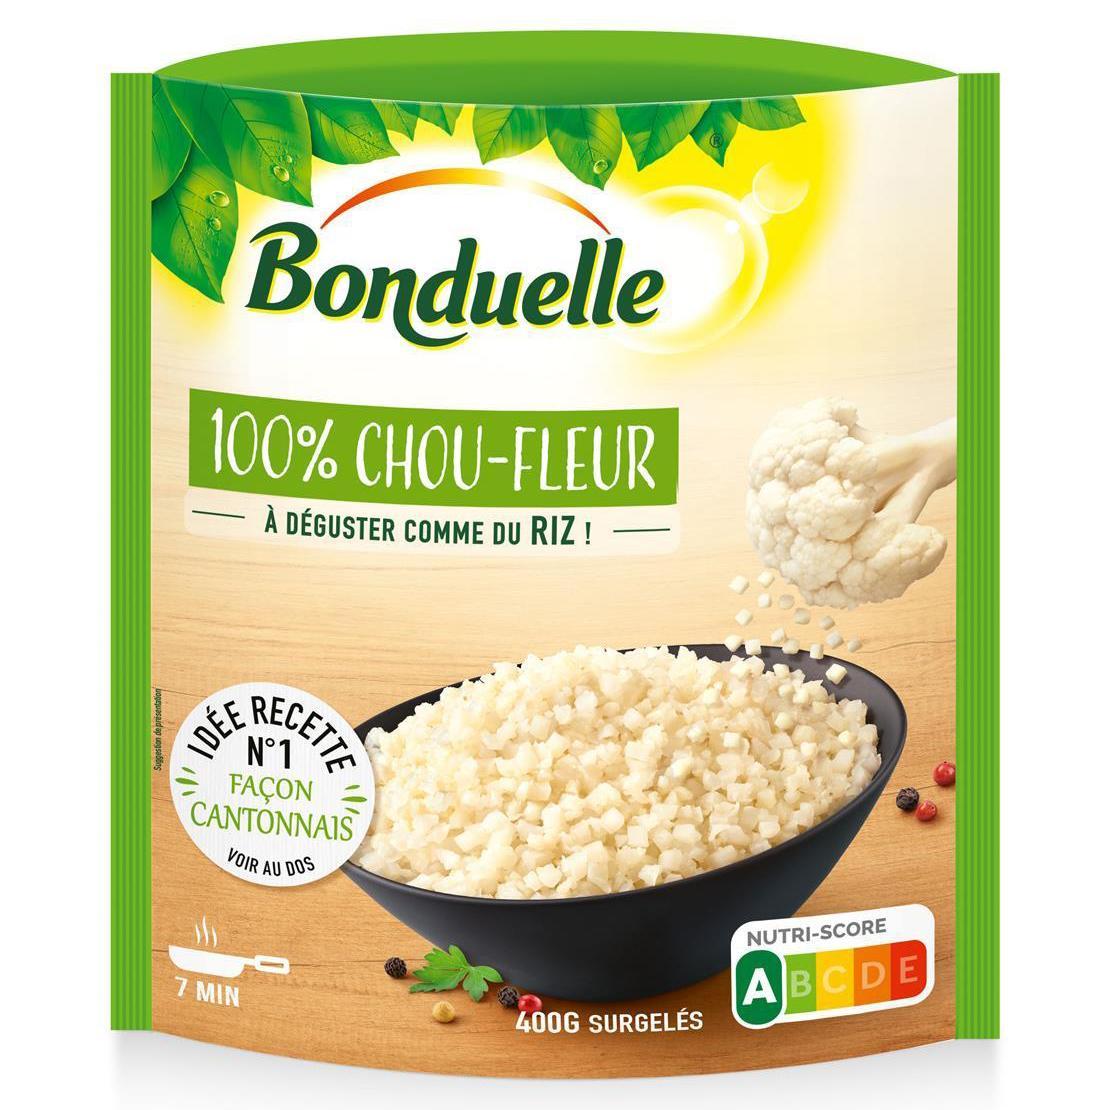 Bonduelle 100% choux fleur A déguster comme du riz, 400g